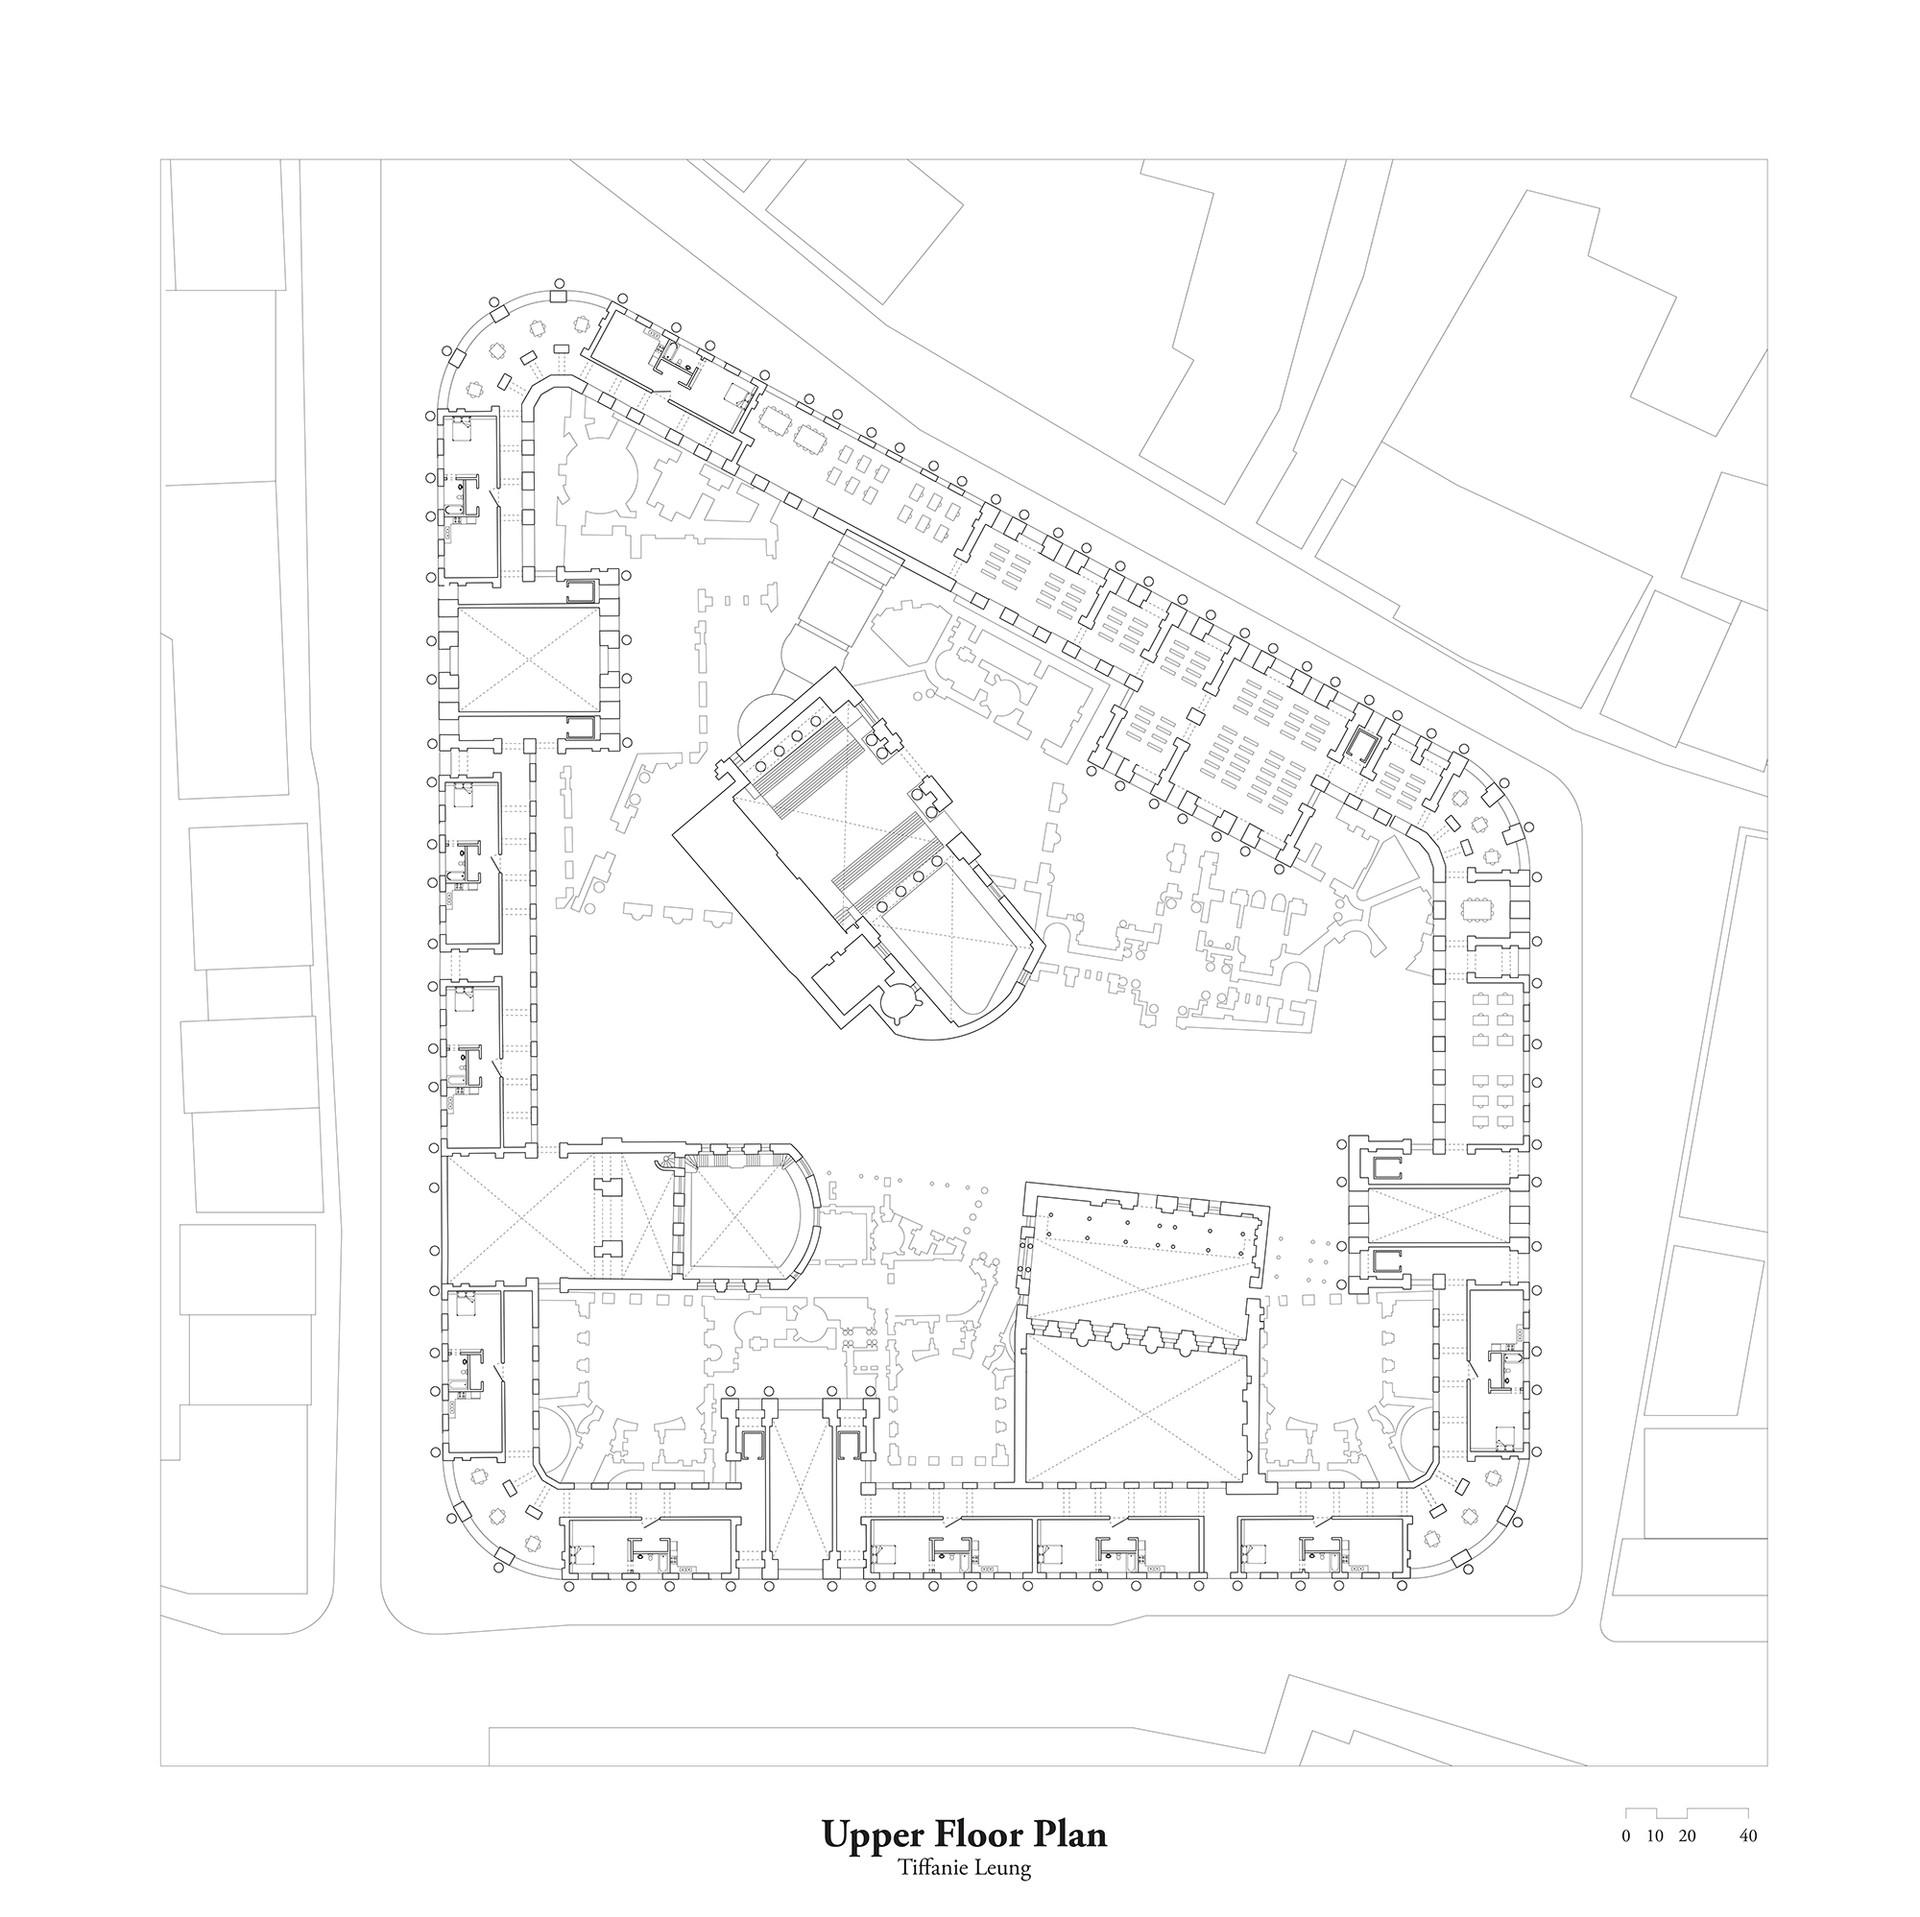 leung_tiffanie_P3_upper-plan.jpg